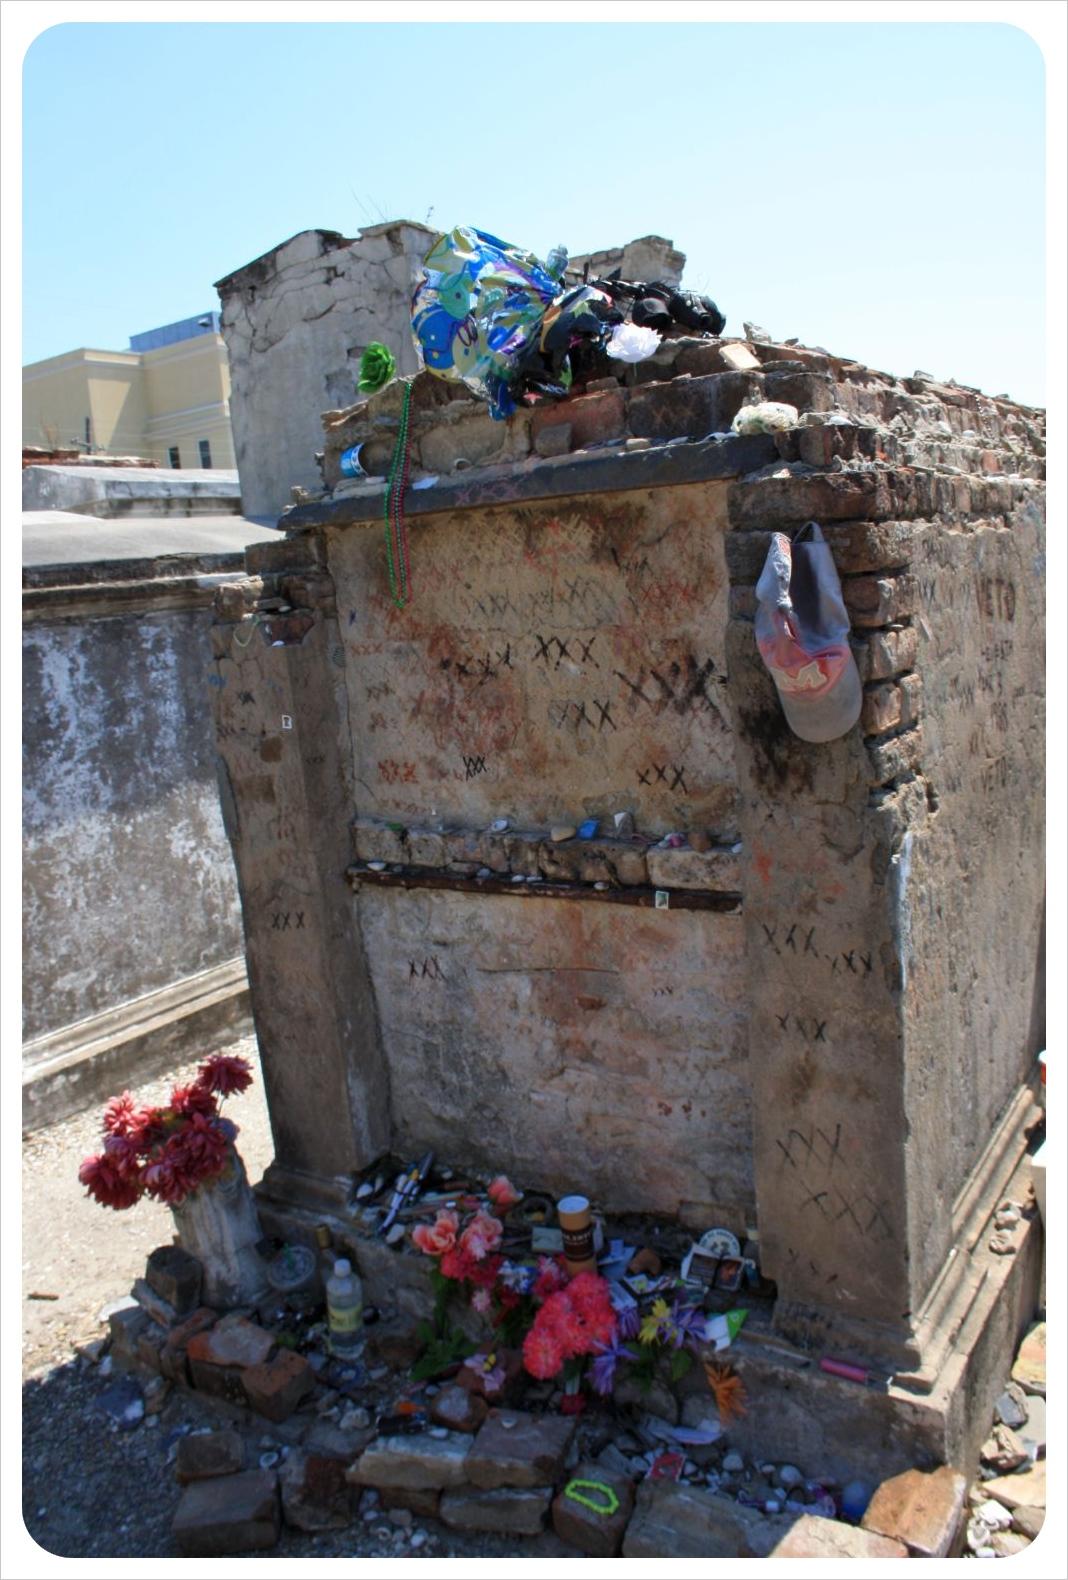 voodoo grave marie laveau st louis cemetery new orleans